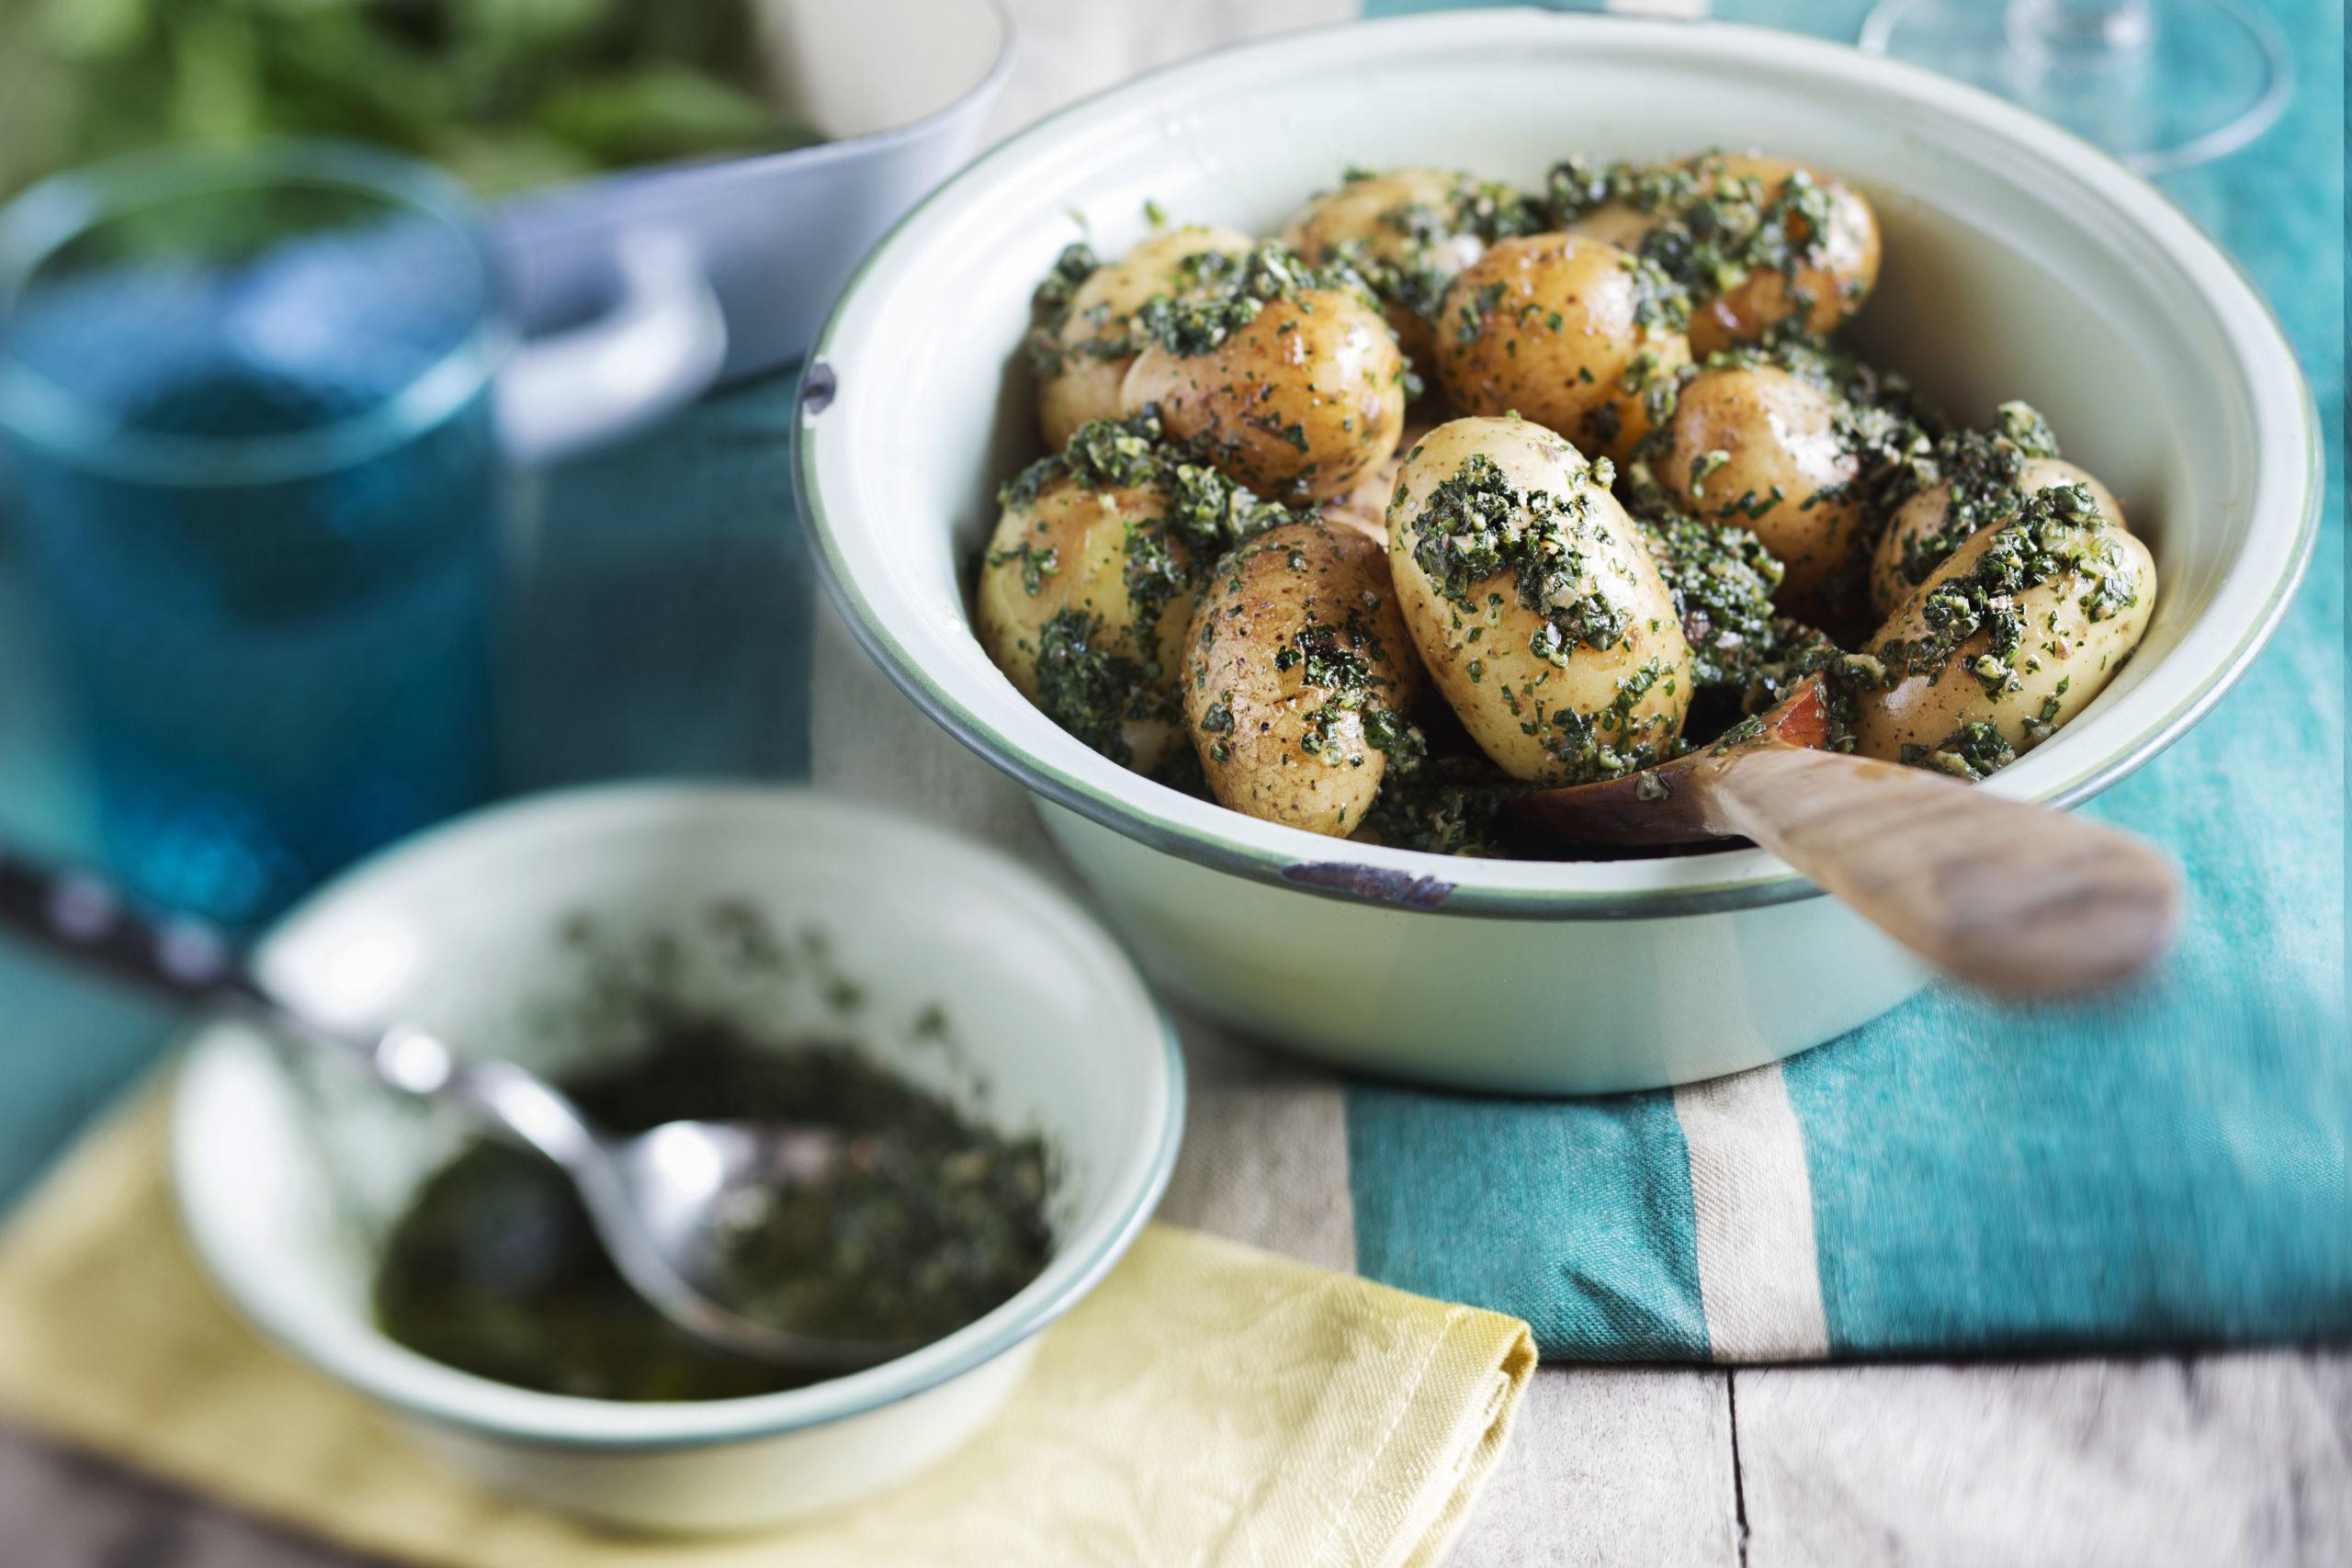 Versetzen Genießer geschmacklich an das spanische Mittelmeer: Pellkartoffeln mit Salsa Verde. Quelle: DKHV/Markus Basler